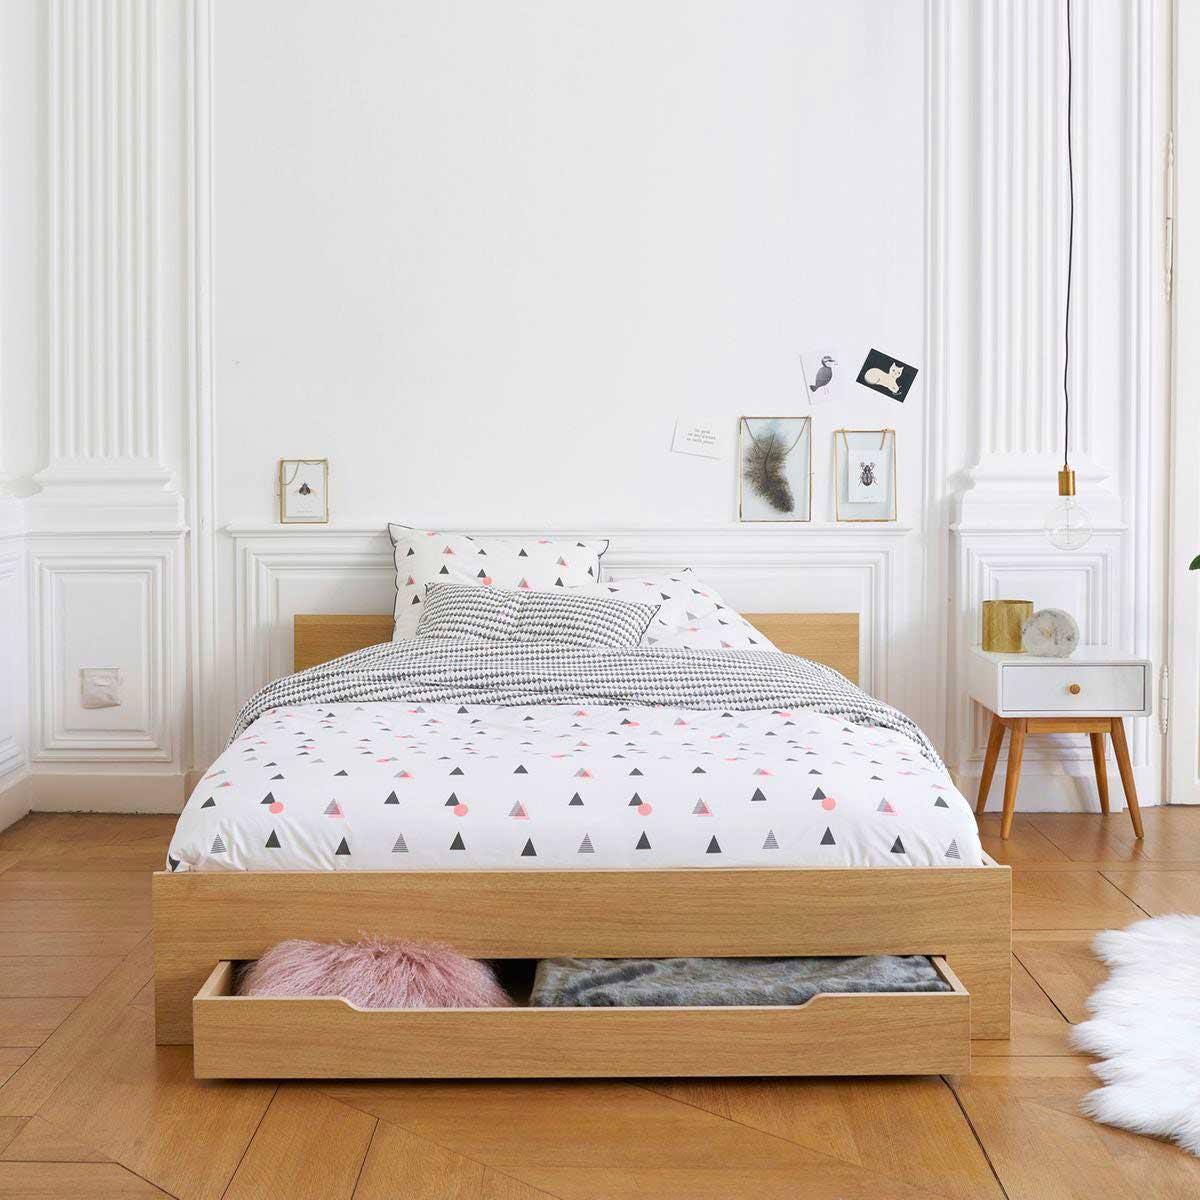 Table de chevet scandinave : 17 modèles pour votre chambre